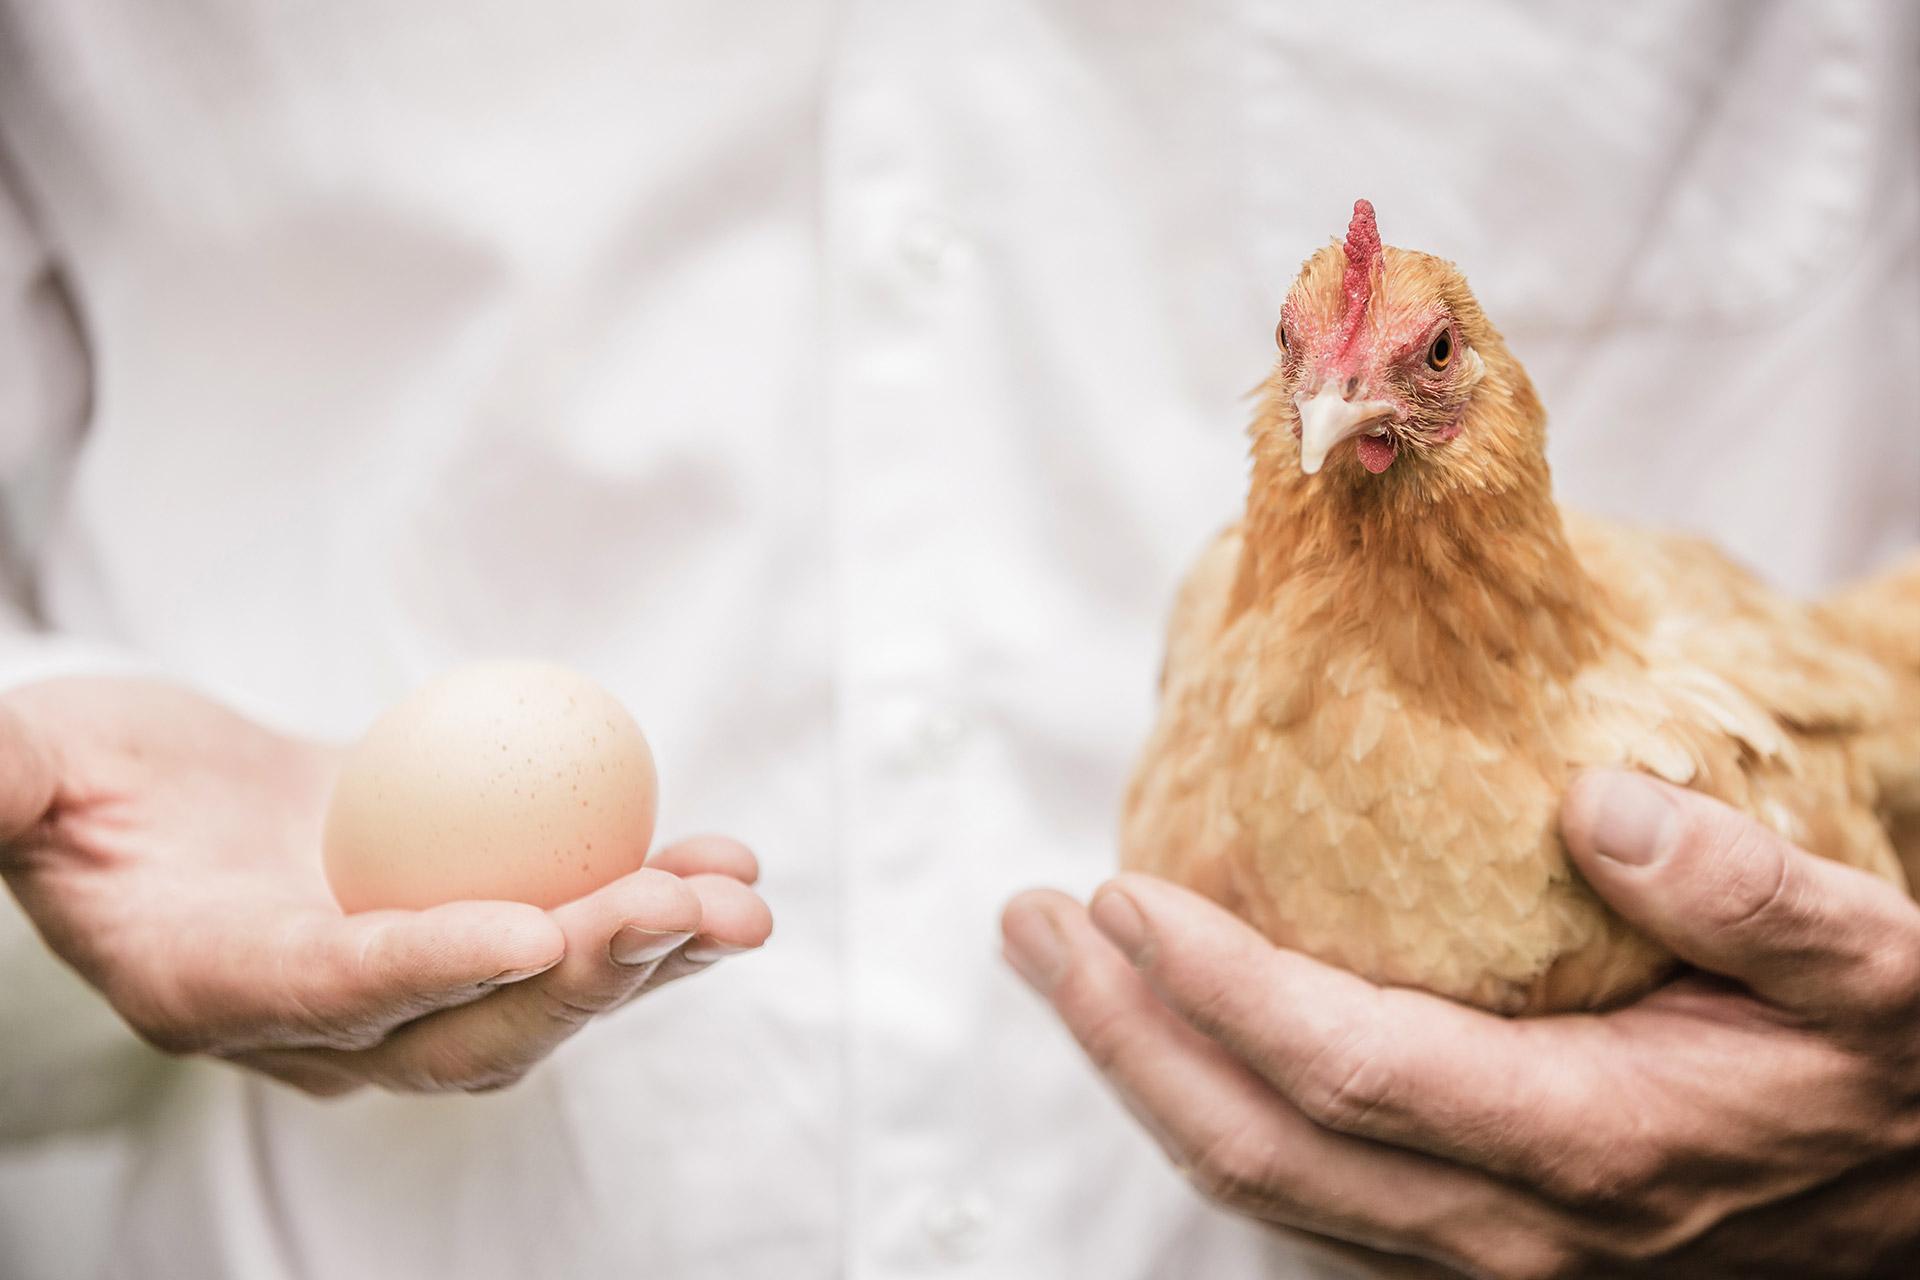 Effizienz: Westfalen schätzen Hühner, die Eier legen – und nicht Hühner, die gackern